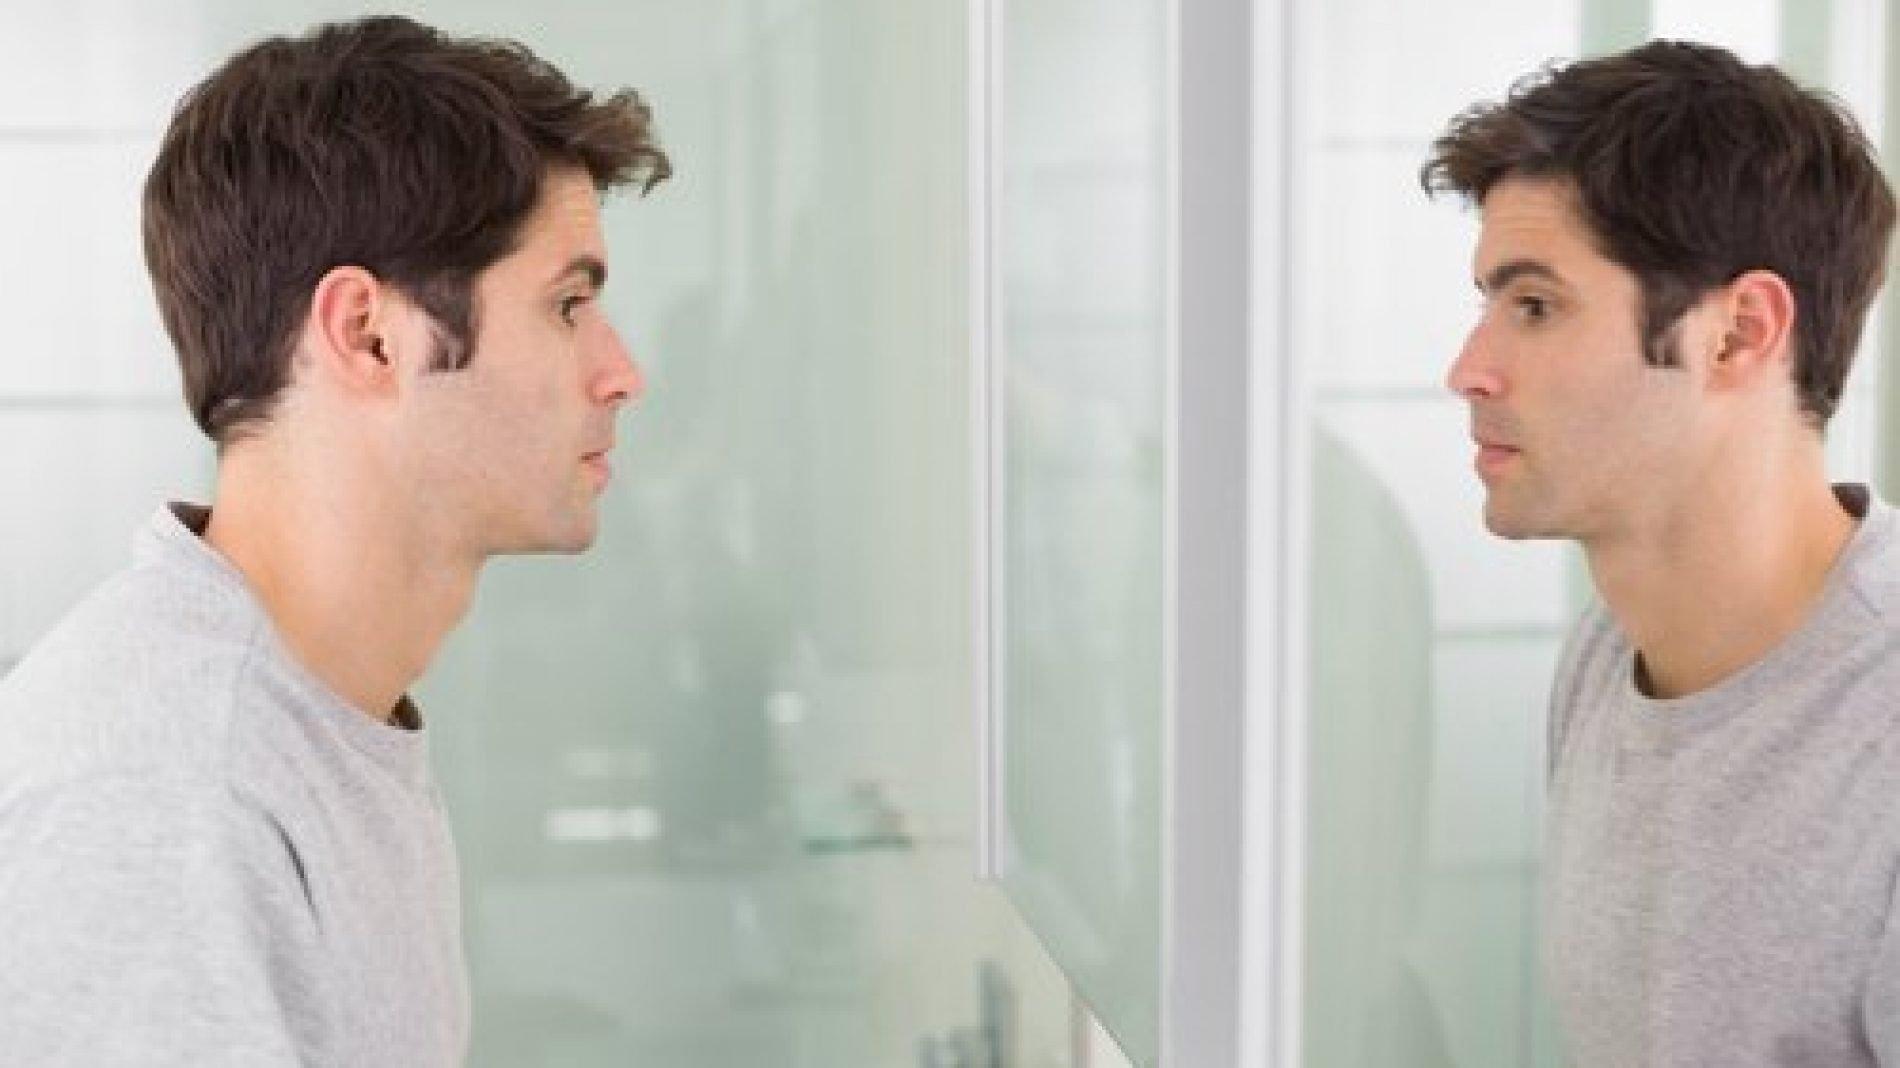 man_in_mirror